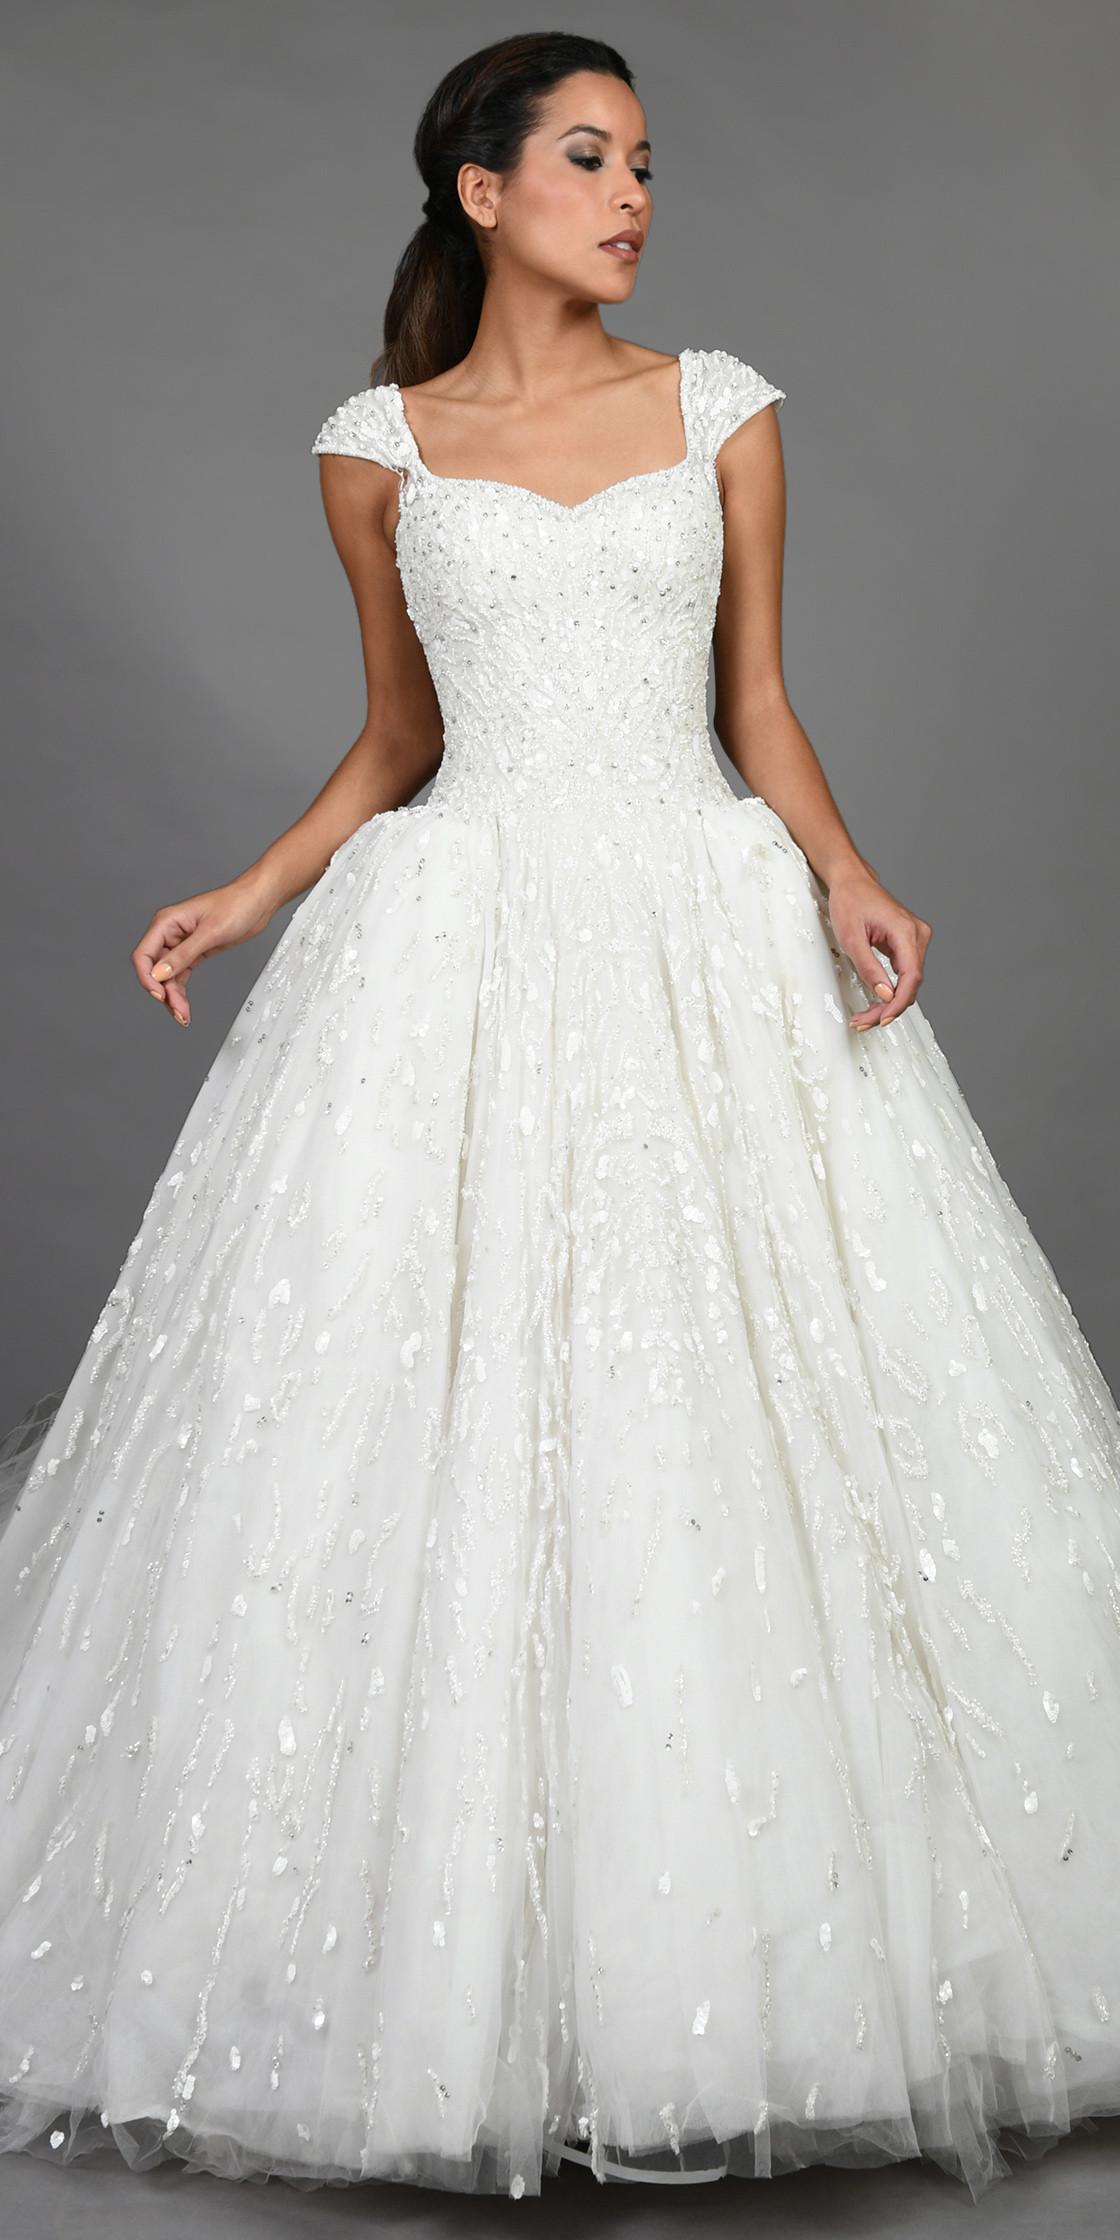 Zuhair Murad Off The Shoulder Bridal Ball Gown   Wedding Dress ...